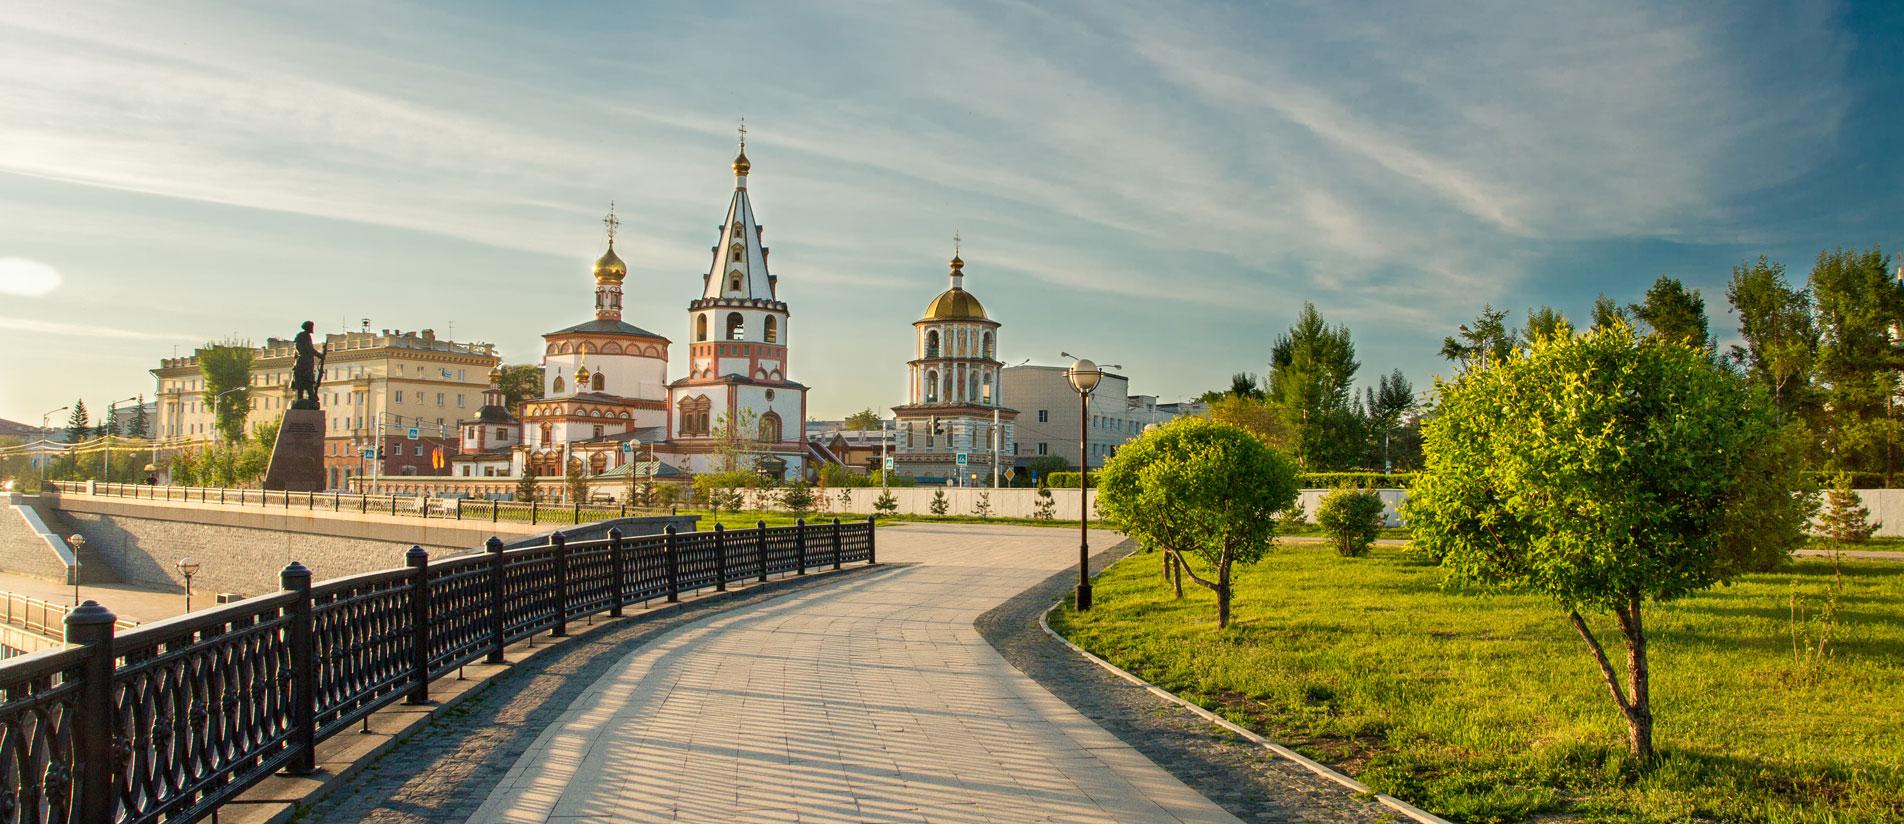 Частные лица, собирающиеся открыть депозитный счет, могут сравнить самые выгодные вклады в банках Иркутска